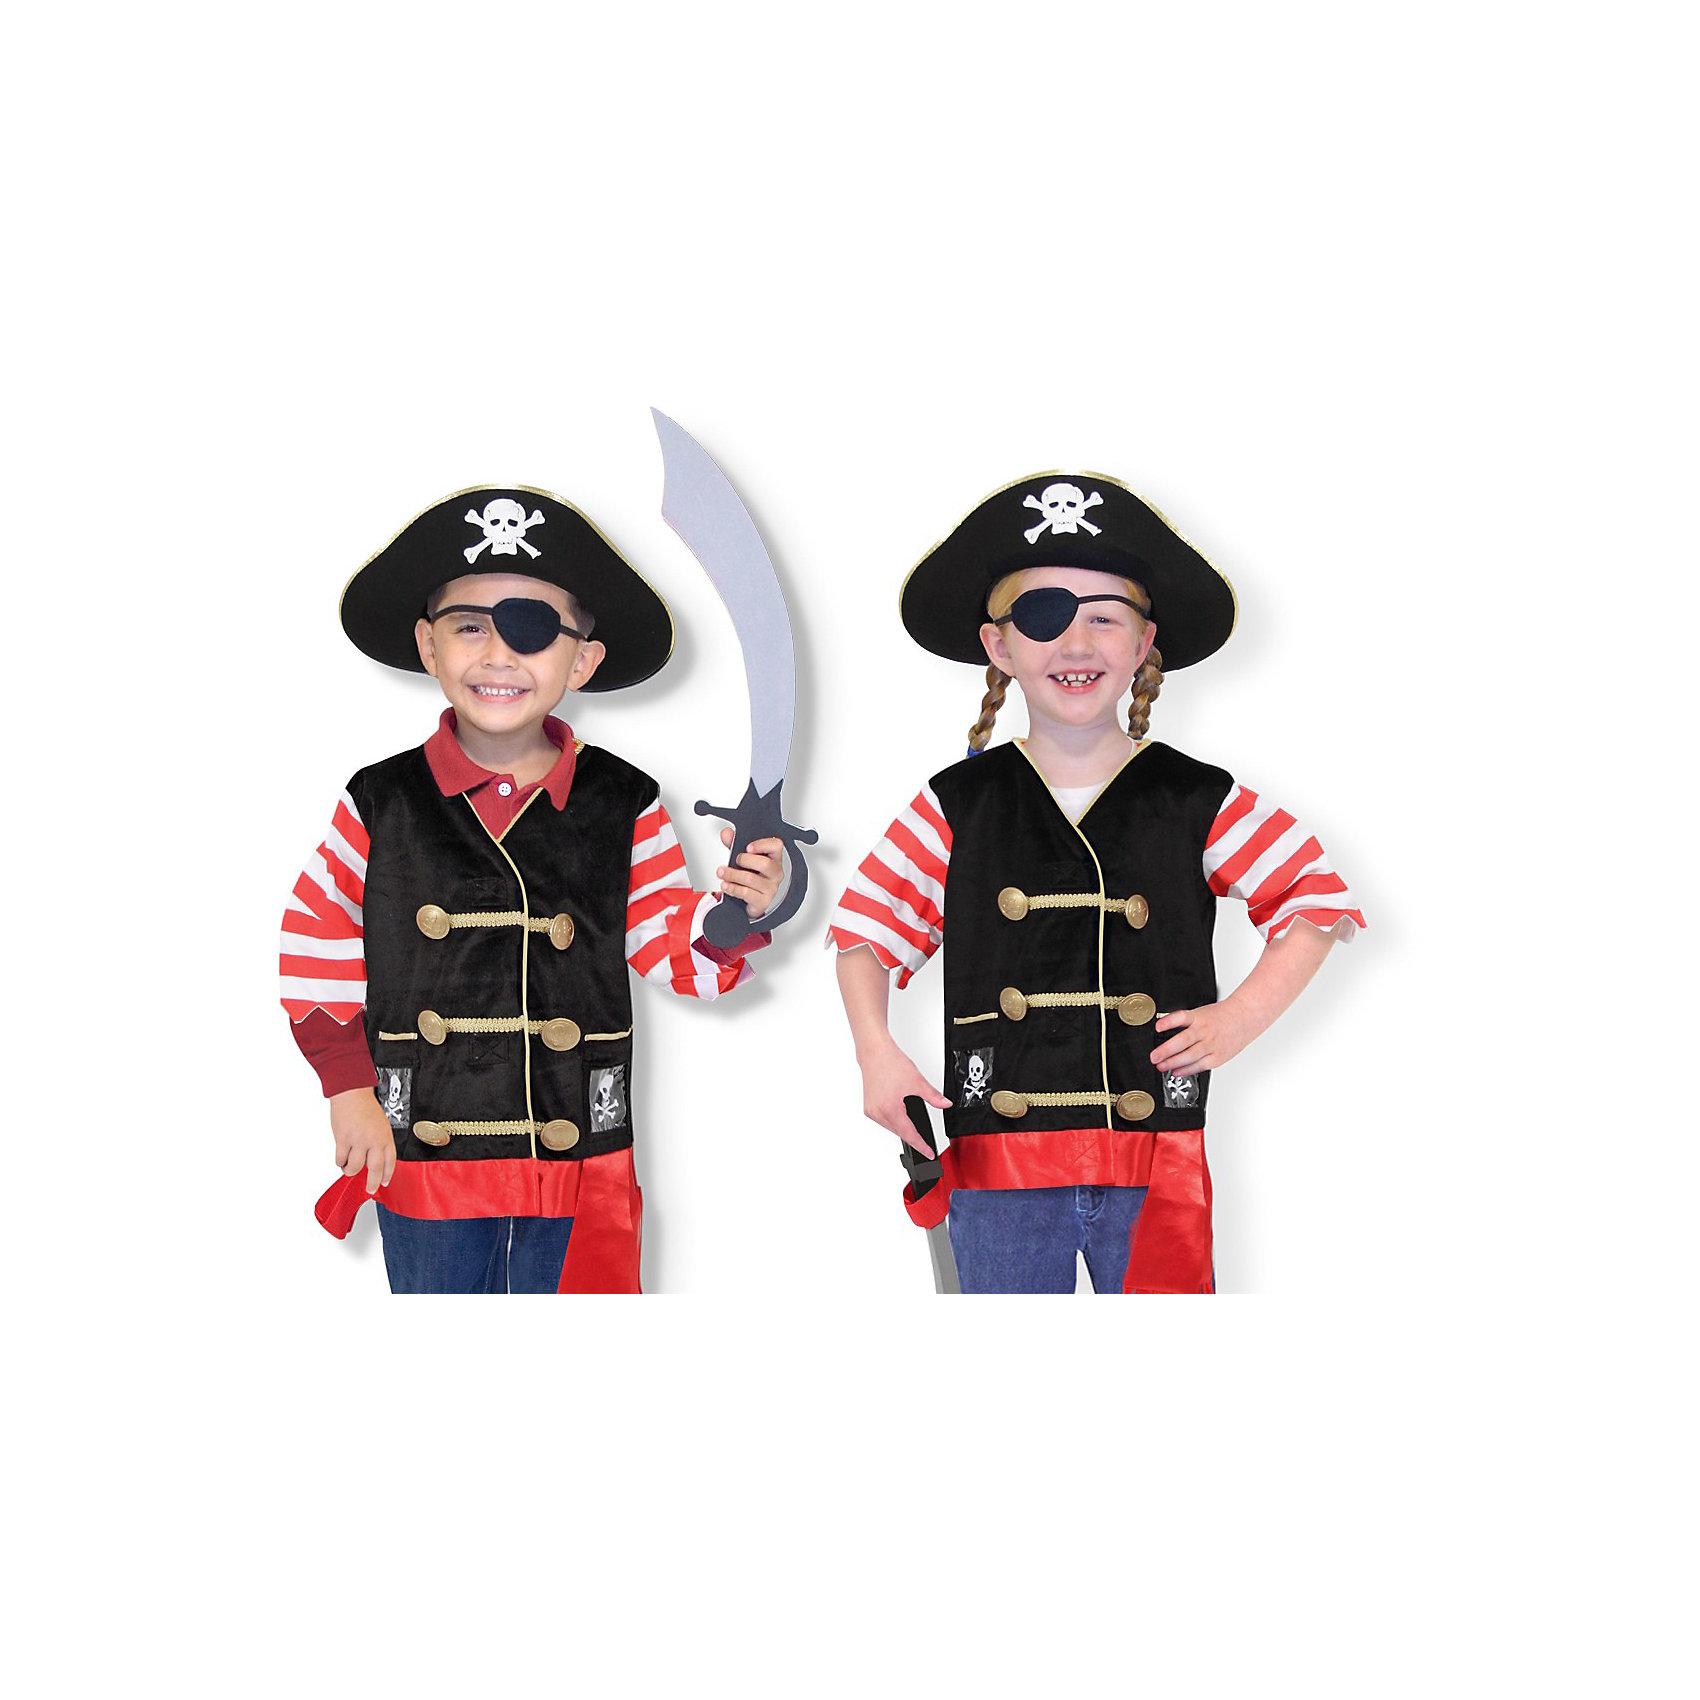 Карнавальный костюм  Пират, Melissa &amp; DougДети обожают мультфильмы и перевоплощения! Подарите Вашему ребенку карнавальный костюм Пират, Melissa &amp; Doug и счастью не будет предела. Моряки и злодеи расступаются, когда на арену выступает Пират! Он смотрит на мир, как и положено пирату, одним глазом, но всегда готов к захватывающим приключениям. Его сабля острая, а пиратская шляпа внушает ужас капитанам торговых судов.  Карнавальный костюм Пират прекрасно подойдет  для ребенка 3-6 лет. Он будет хитом утренника в саду, новогодней вечеринки и забавной фотосессии. Подарите ребенку часы безграничной фантазии и суперсилы в костюме Пират, Melissa &amp; Doug !<br><br>Дополнительная информация:<br><br>- Карнавальный костюм для мальчика или девочки;<br>- В комплекте: полосатая кофточка, пиратская шляпа, повязка на глаз, бархатный жилет, пояс, сабля;<br>- Отлично подойдет для праздников, карнавалов, вечеринок;<br>- Необычный костюм;<br>- Красочный дизайн;<br>- Размер футболки: ширина: 38 см, длина: 55 см, длина рукава: 22 см;<br>- Размер упаковки: 44 х 5 х 50 см;<br>- Вес: 544 г<br><br>Карнавальный костюм Пират, Melissa &amp; Doug  можно купить в нашем интернет-магазине.<br><br>Ширина мм: 440<br>Глубина мм: 50<br>Высота мм: 500<br>Вес г: 544<br>Возраст от месяцев: 36<br>Возраст до месяцев: 72<br>Пол: Мужской<br>Возраст: Детский<br>SKU: 3861965